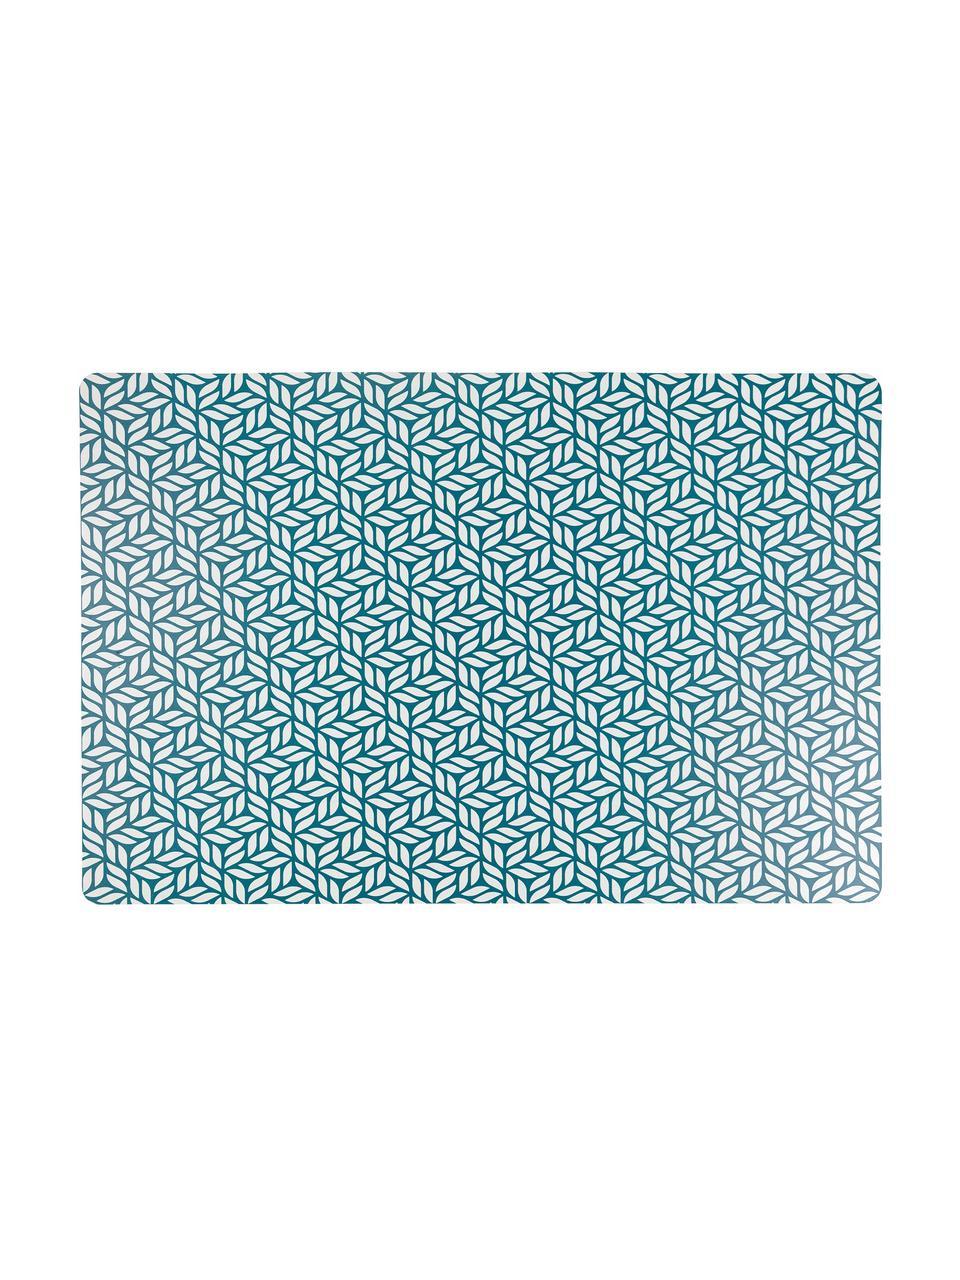 Kunststoff-Tischsets Bali Leaf, 6er Set, PVC-Kunststoff, Blau, Weiß, 30 x 45 cm